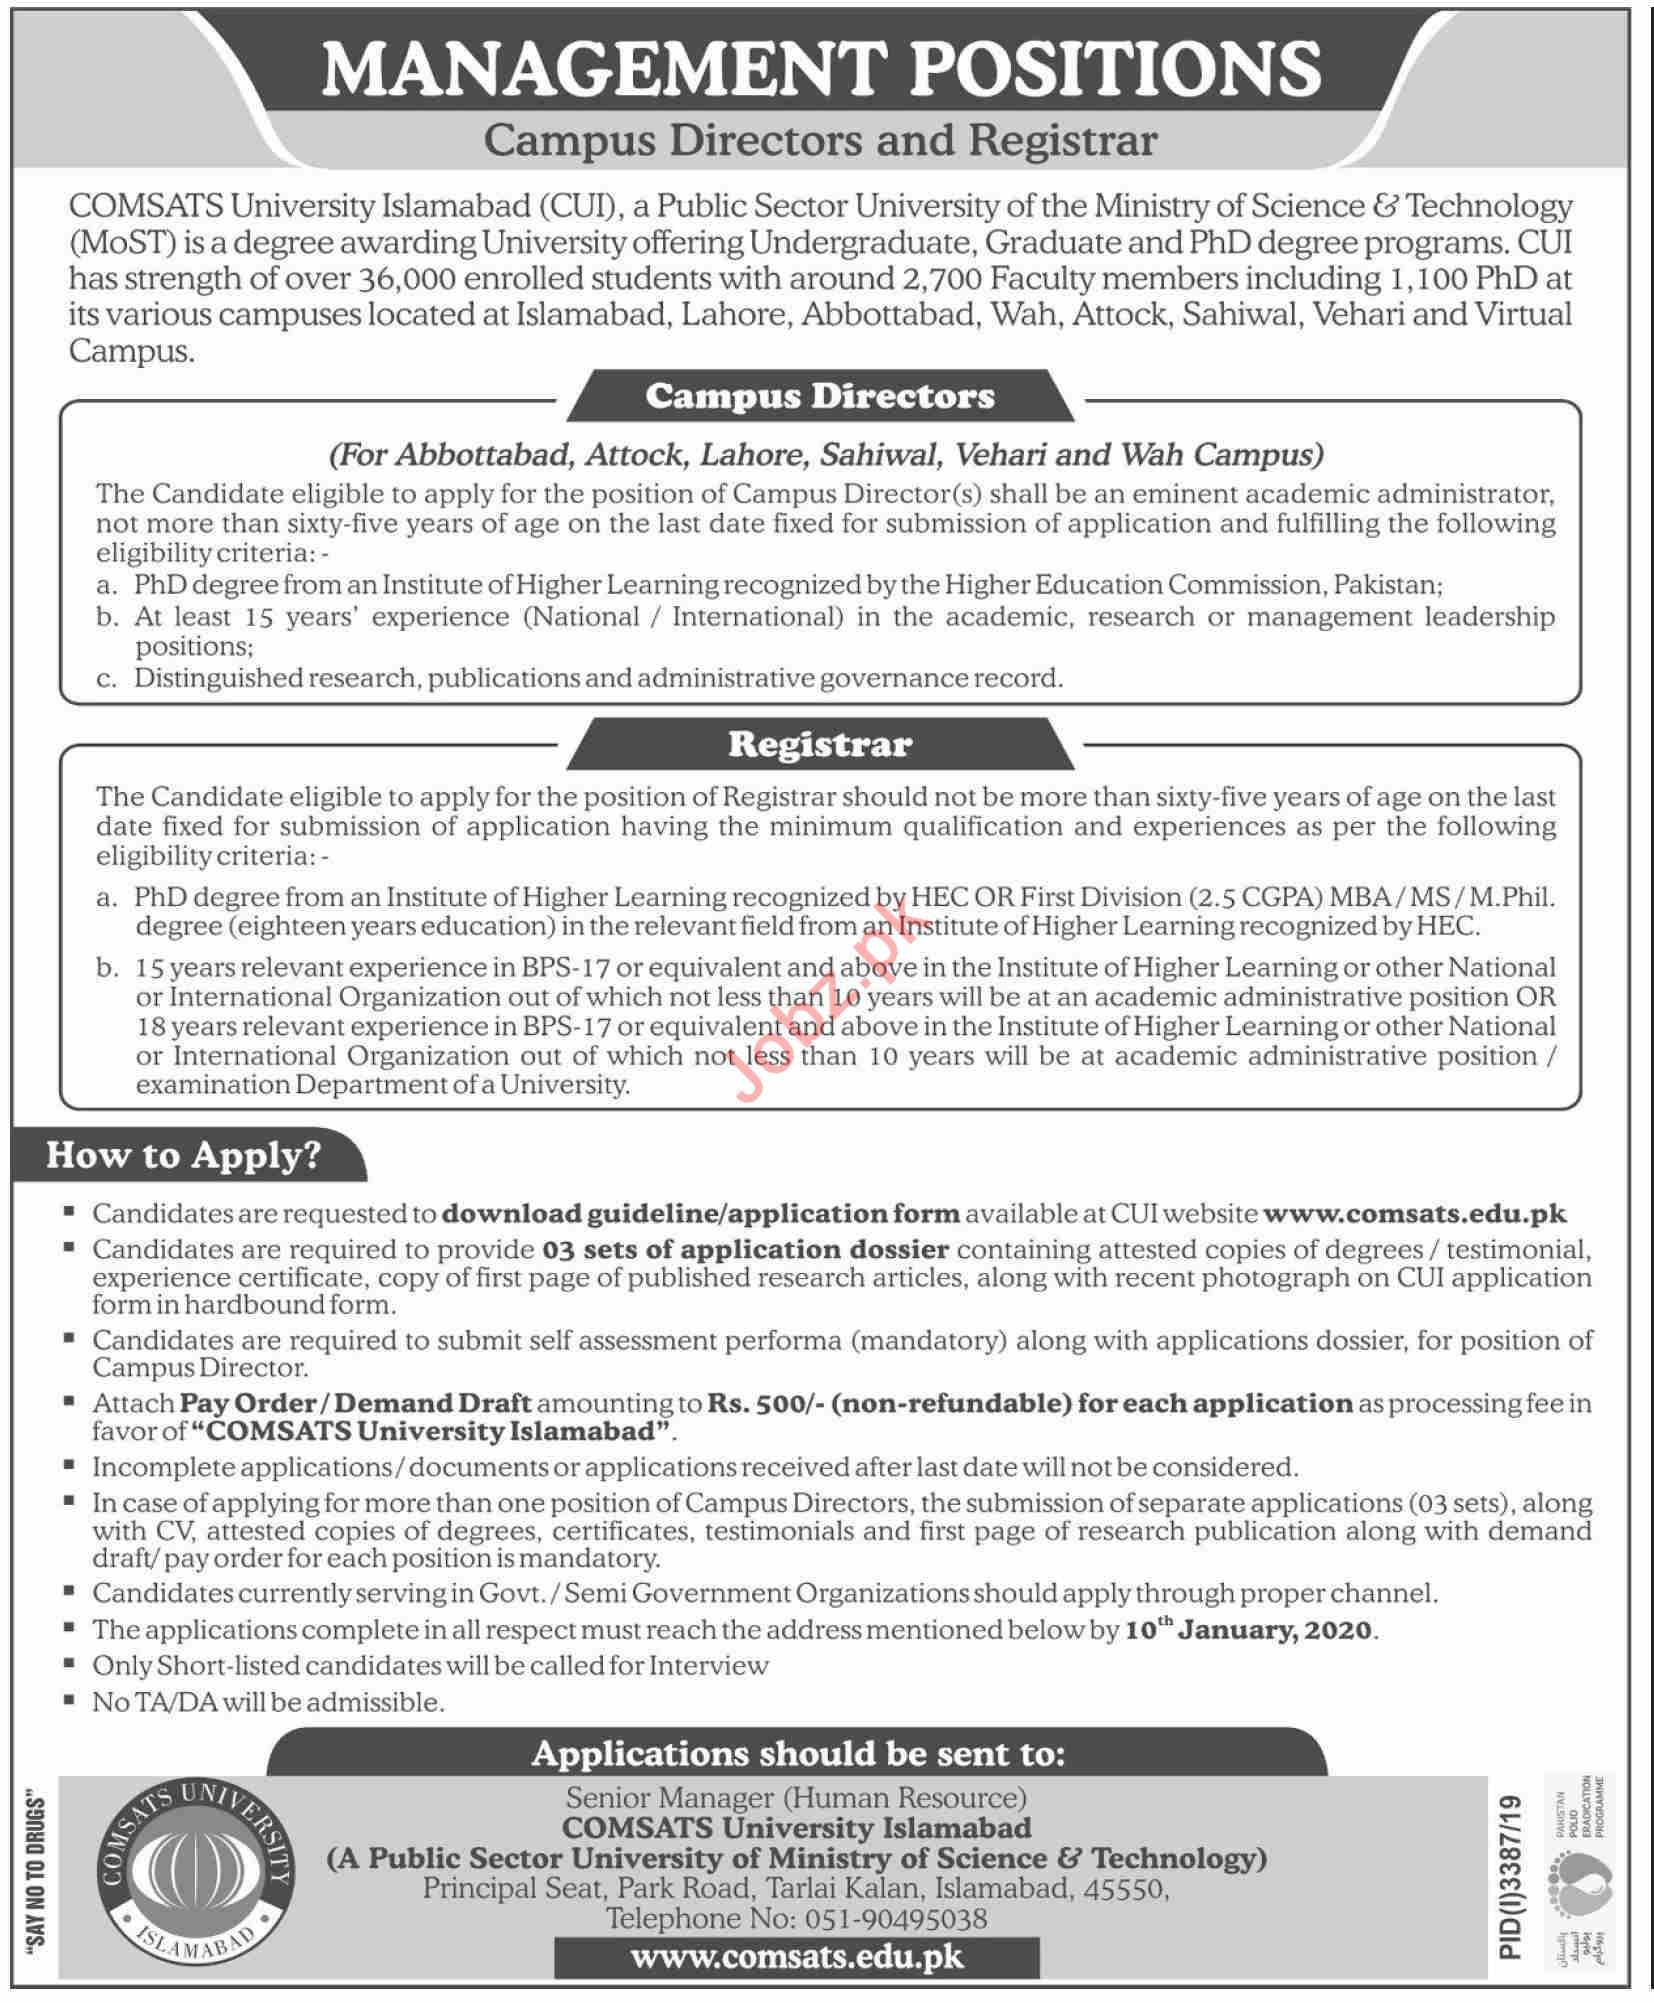 COMSATS University Islamabad CUI Jobs 2020 for Directors